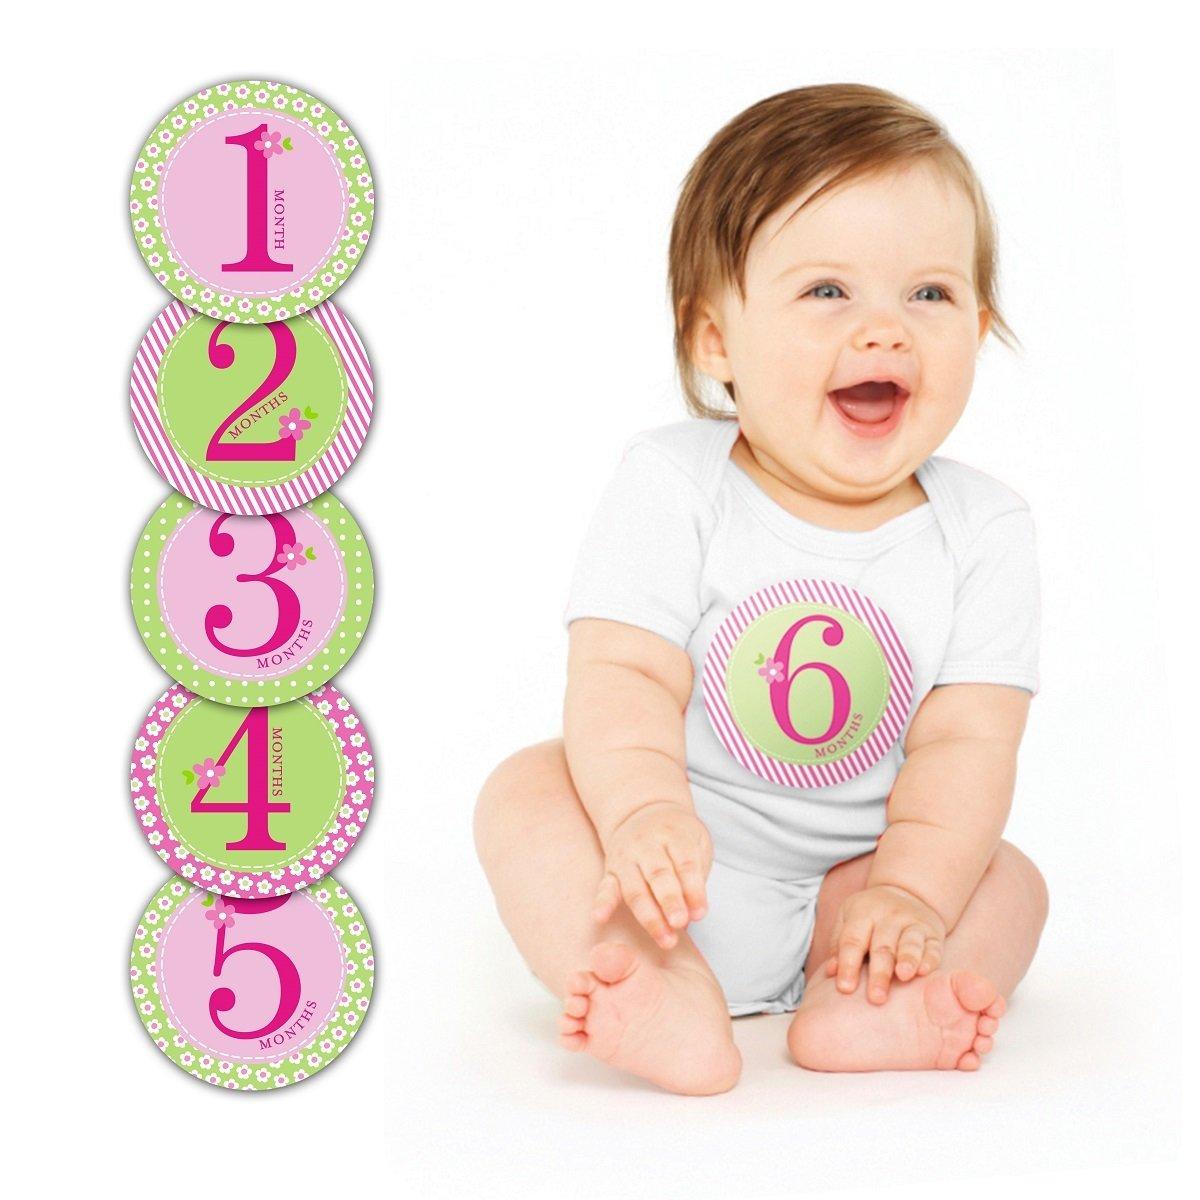 第一年寶寶成長月份貼紙 - 粉紅色